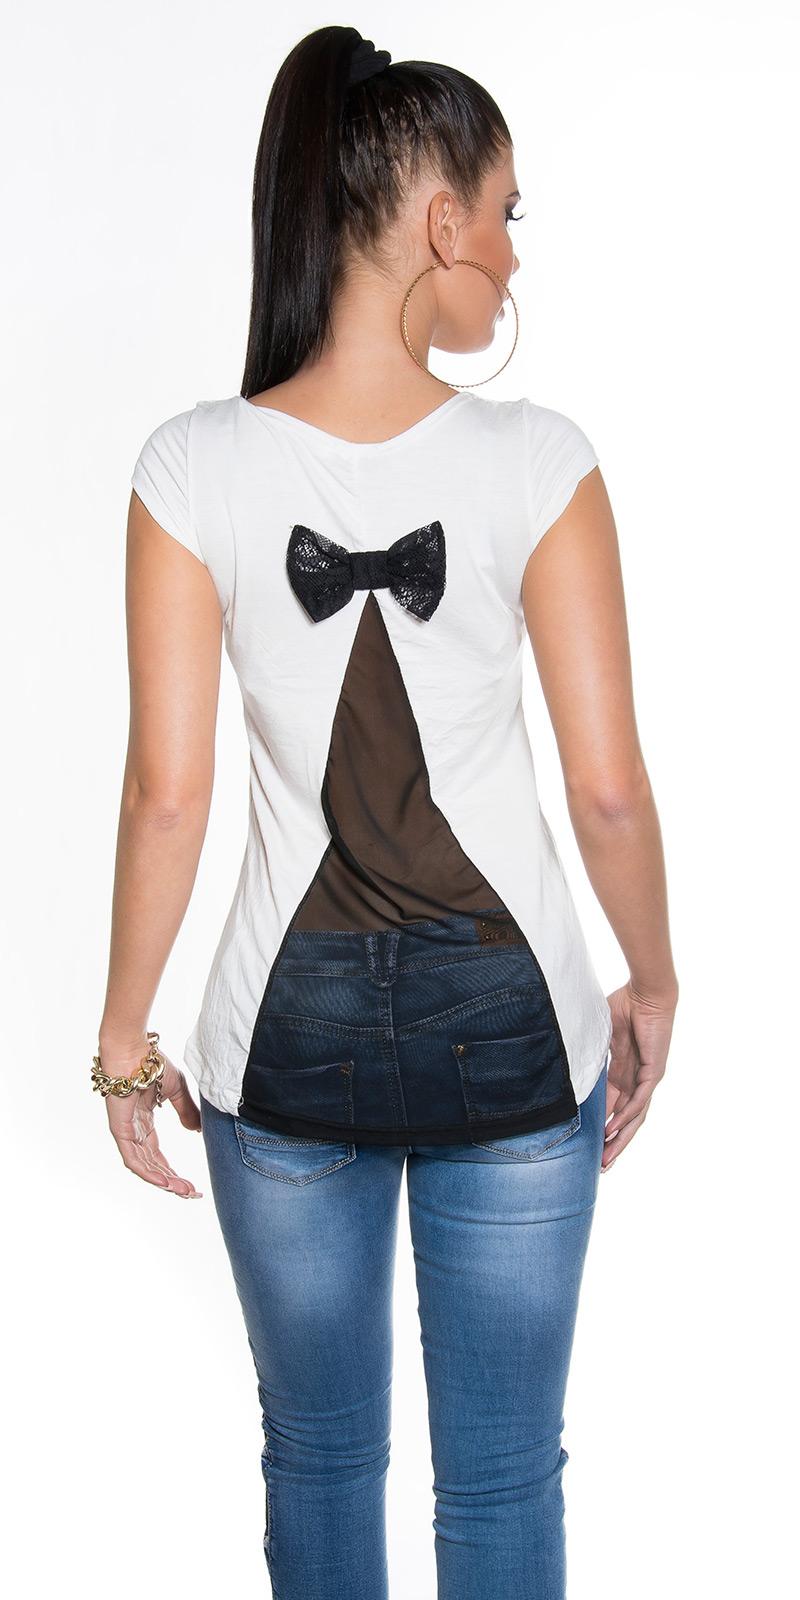 damen kurzarm sommertop shirt tunika bluse mit schleife transparenter r cken ebay. Black Bedroom Furniture Sets. Home Design Ideas